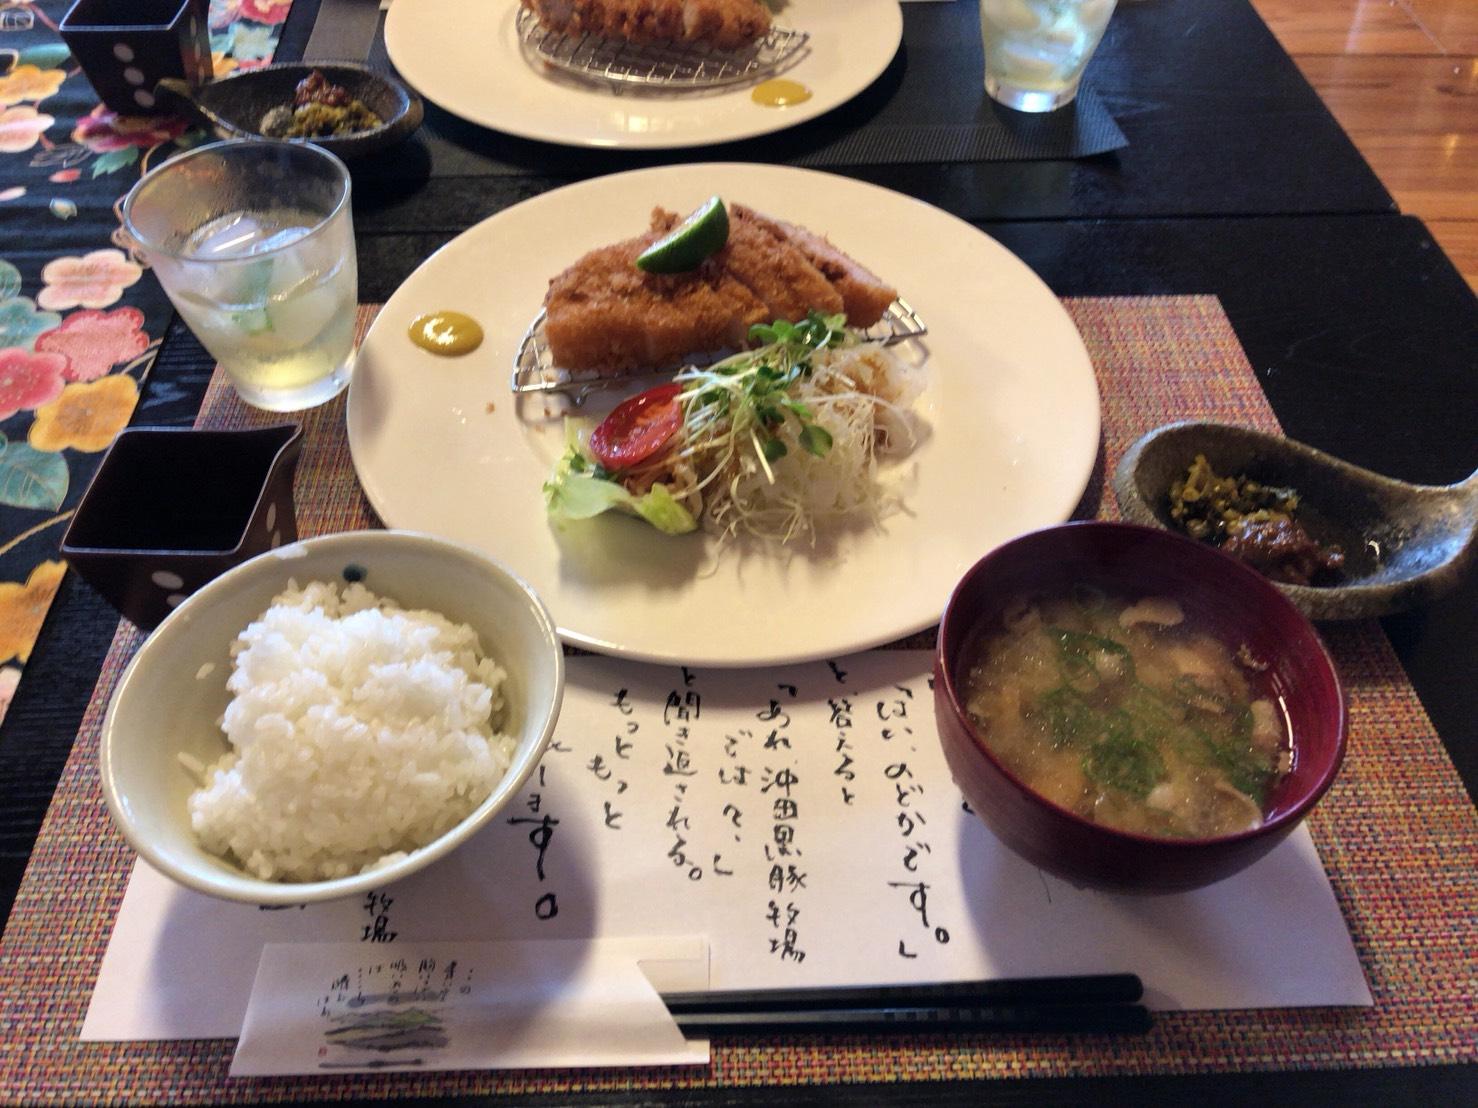 牧場民宿レストラン 「和 -のどか-」